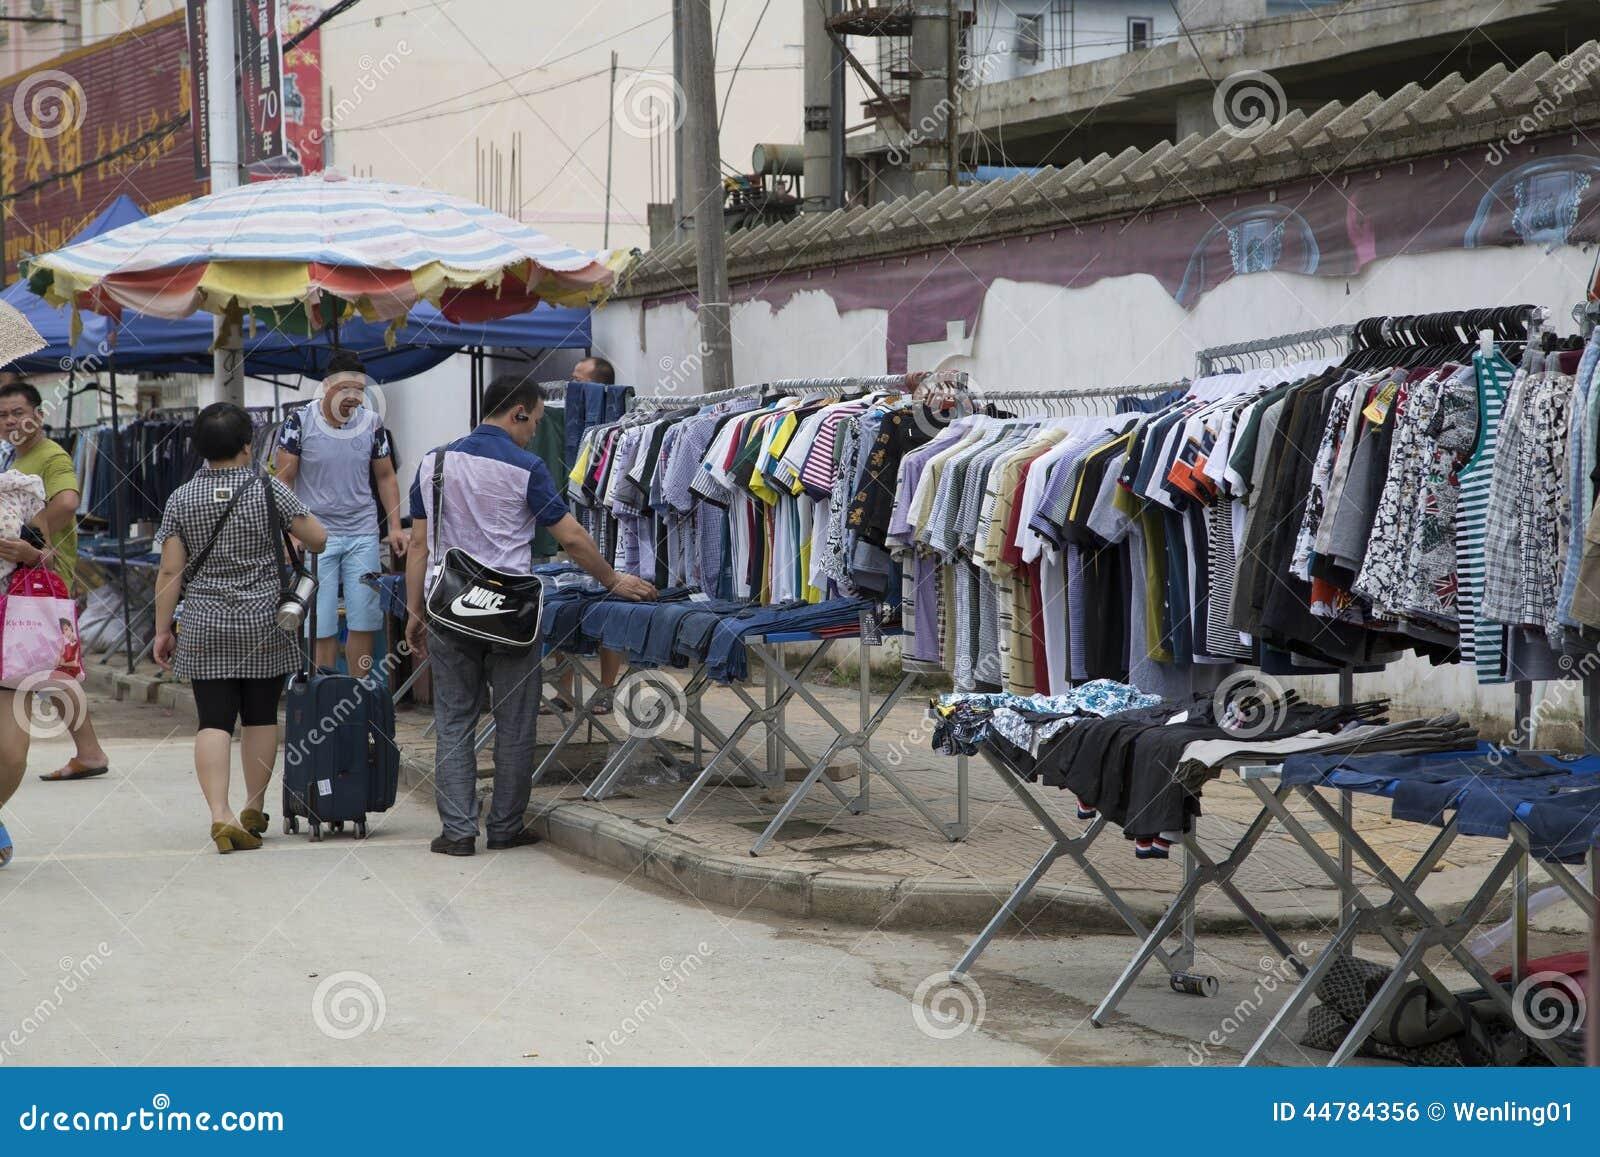 14e465ab73c Mercado Lateral De La Ropa De La Calle Foto editorial - Imagen de ...